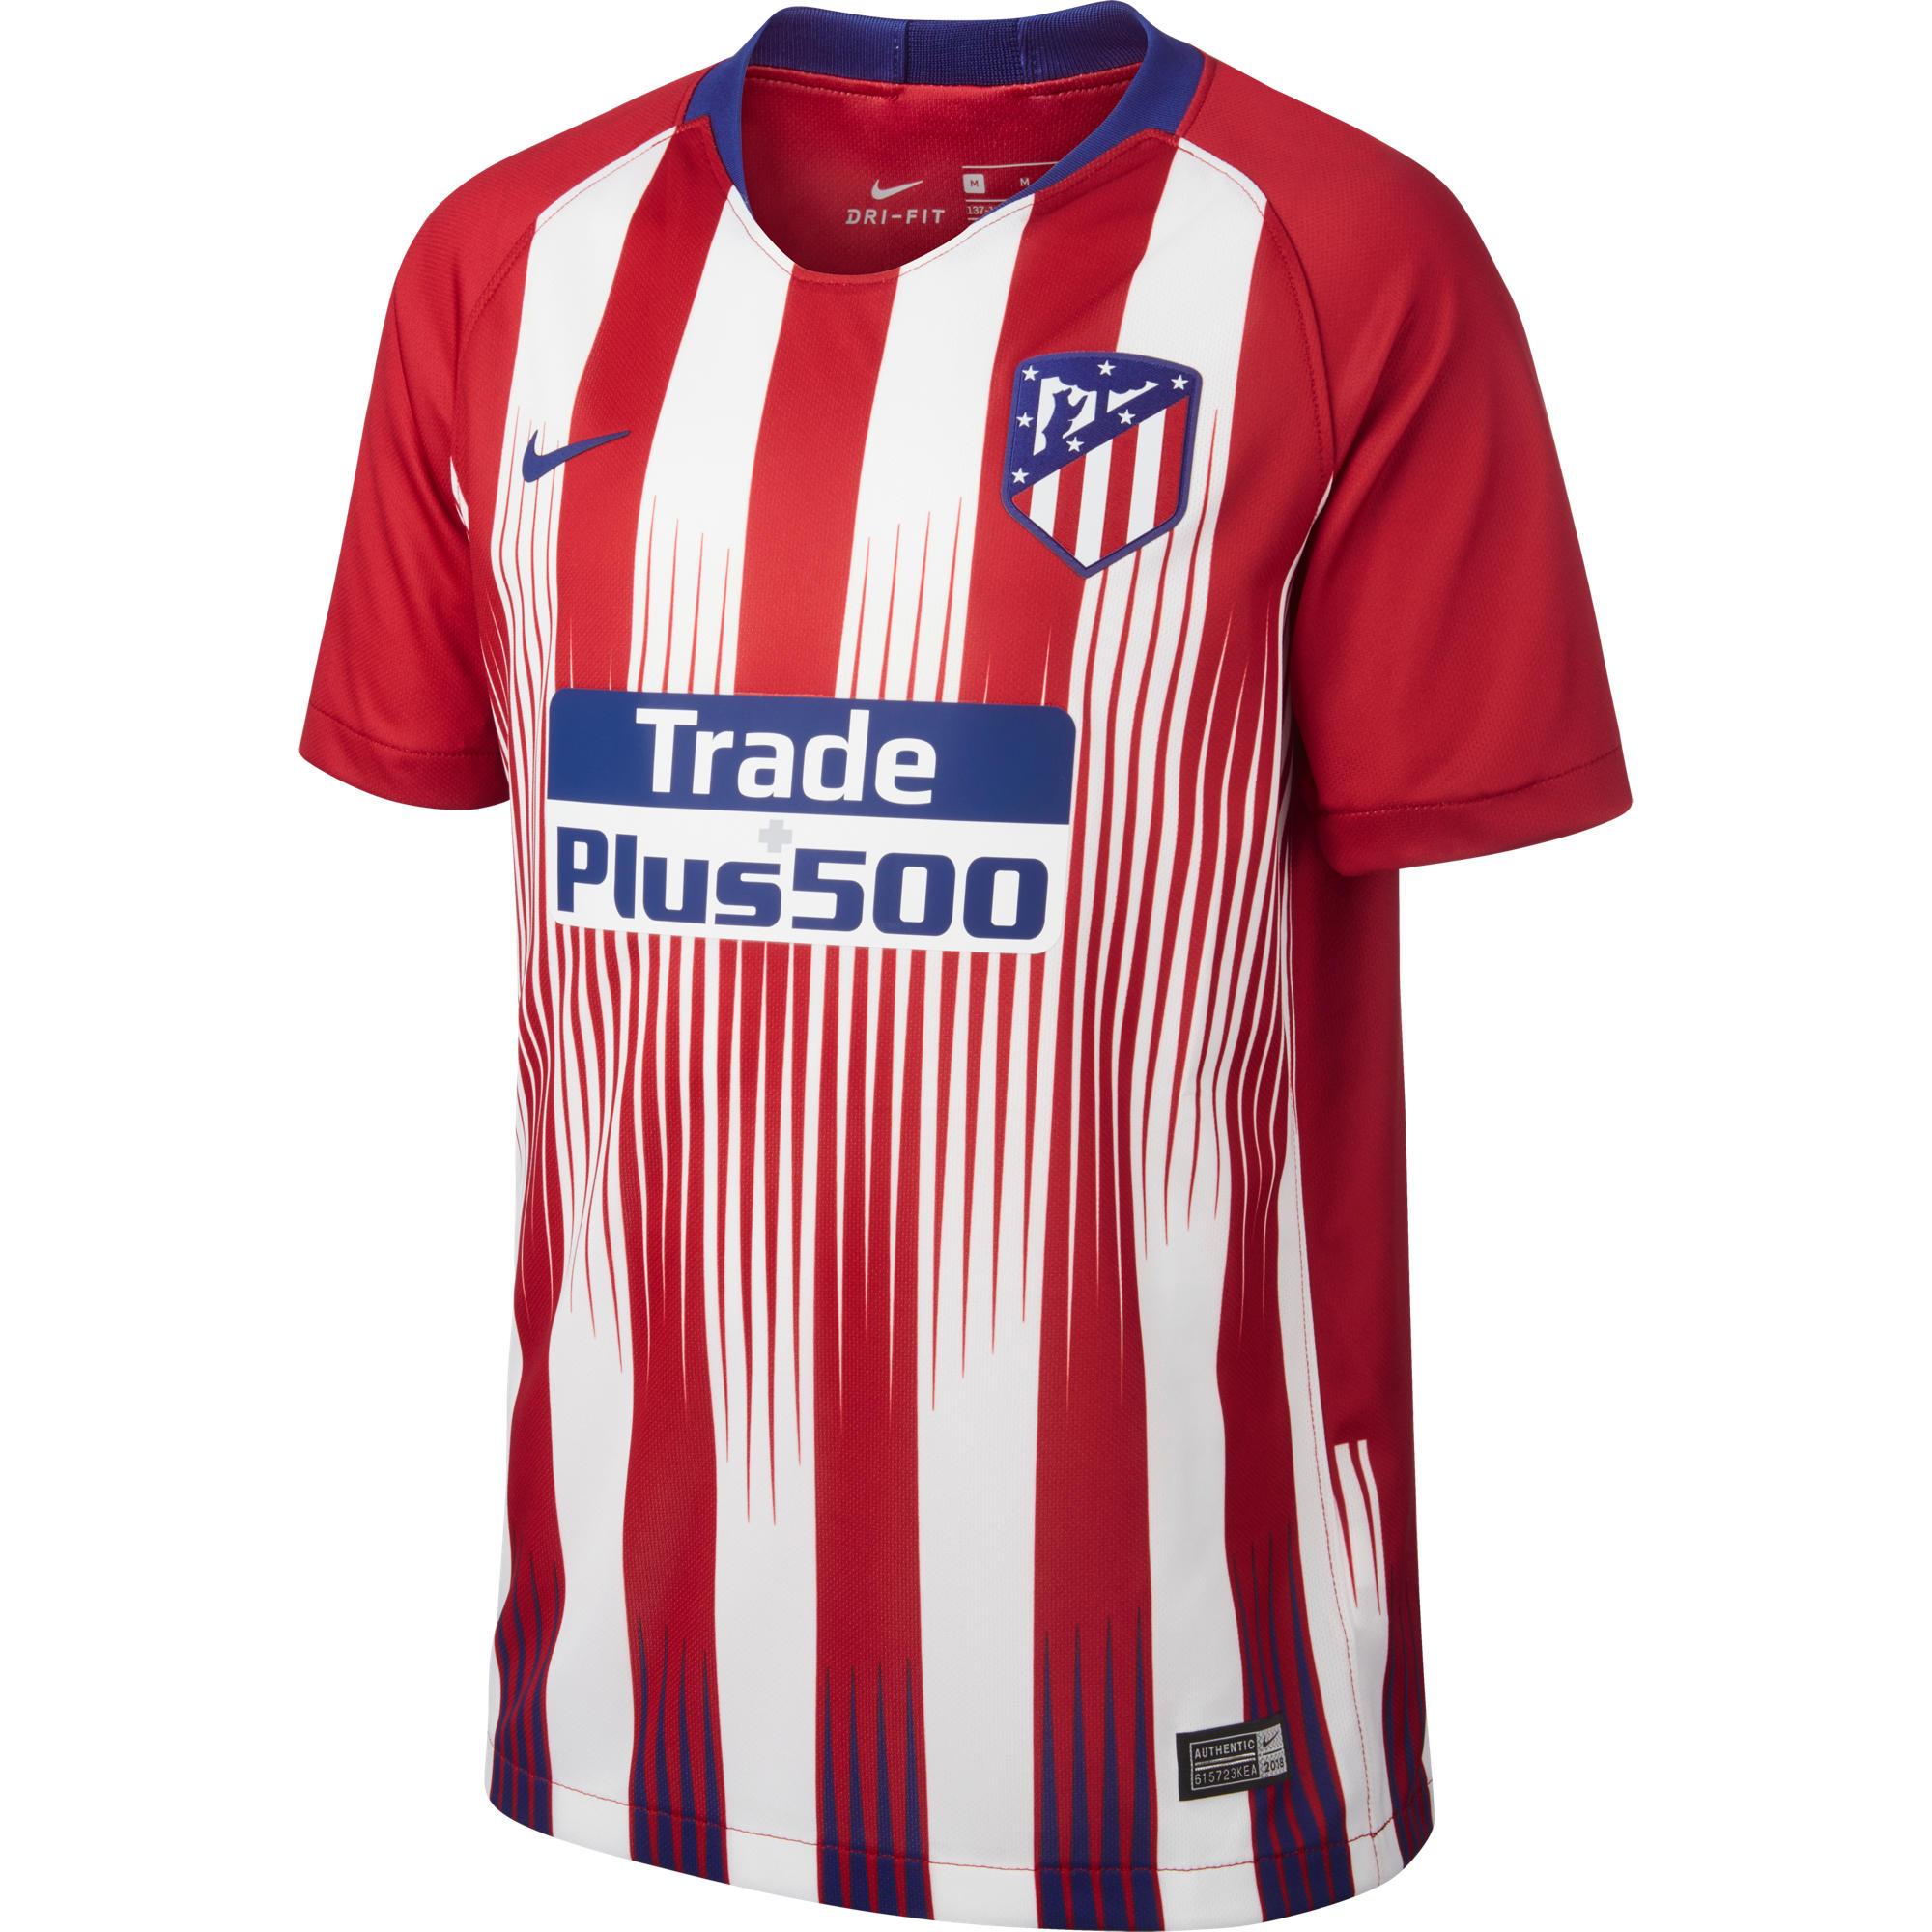 Camisetas Oficiales Selecciones y Equipos Fútbol  89d0d52bed4